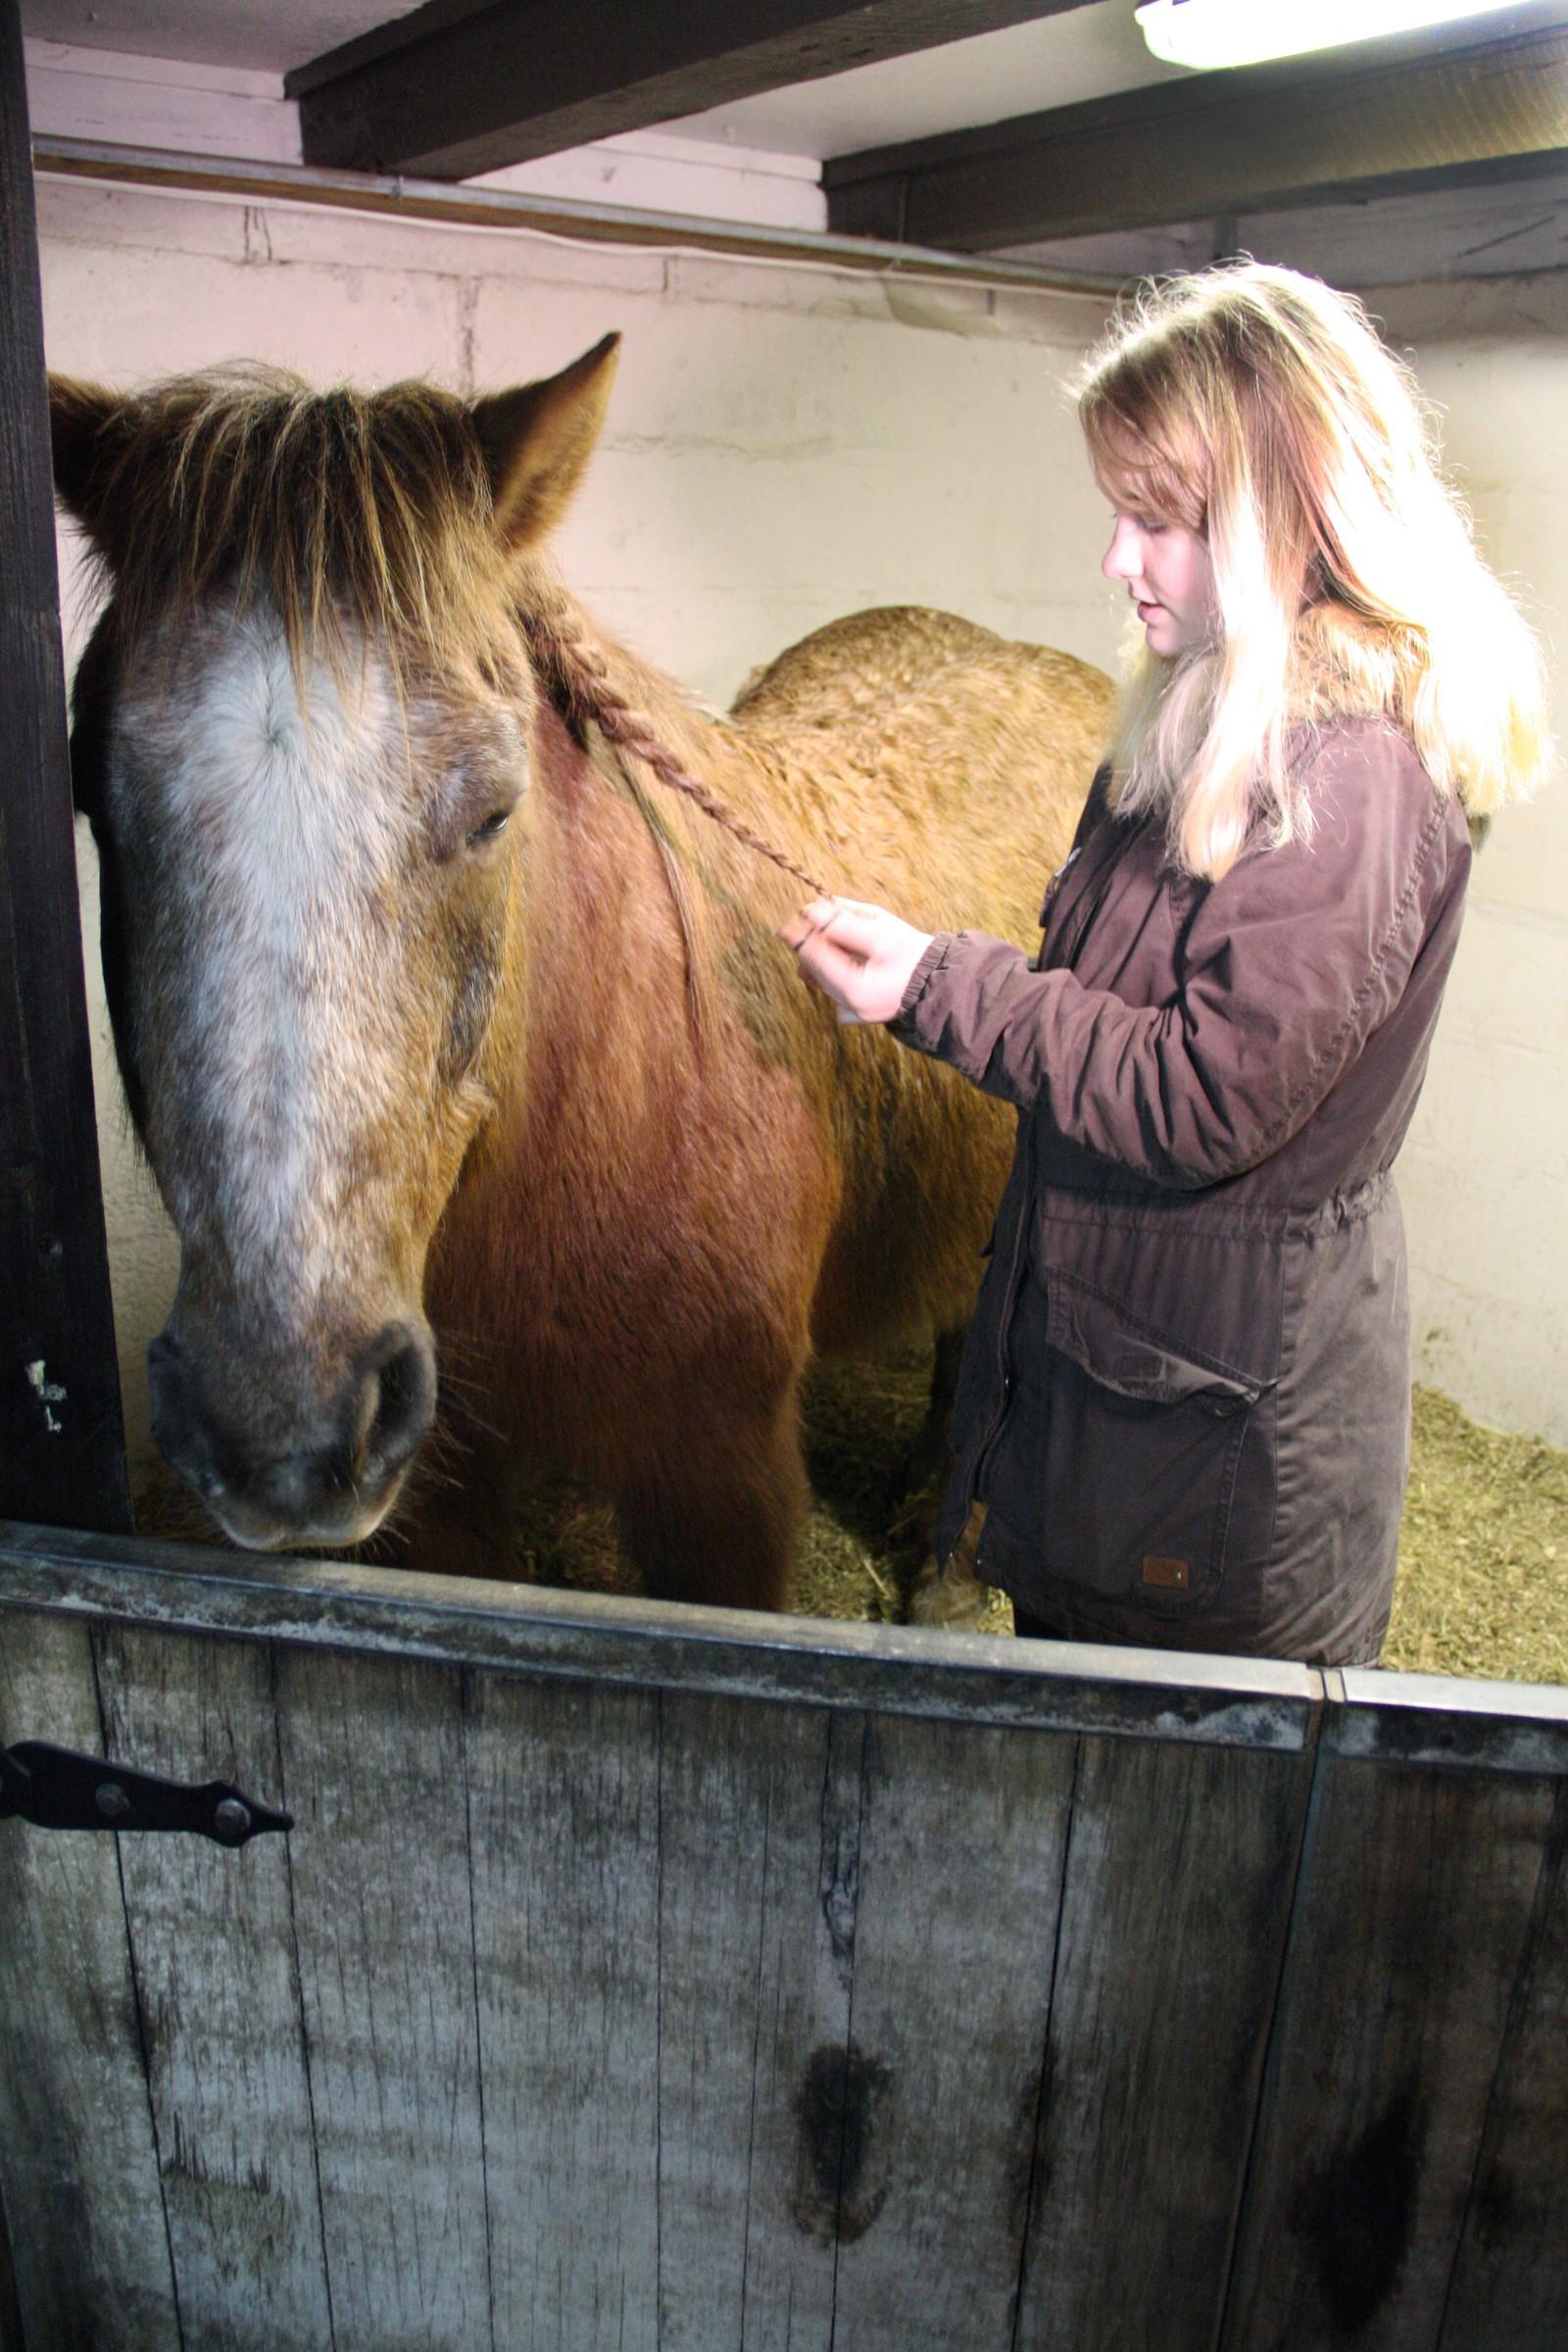 Thea er glad i å sette opp håret og prøve ut ulike frisyrer. Dette får også hesten Baltus merke.